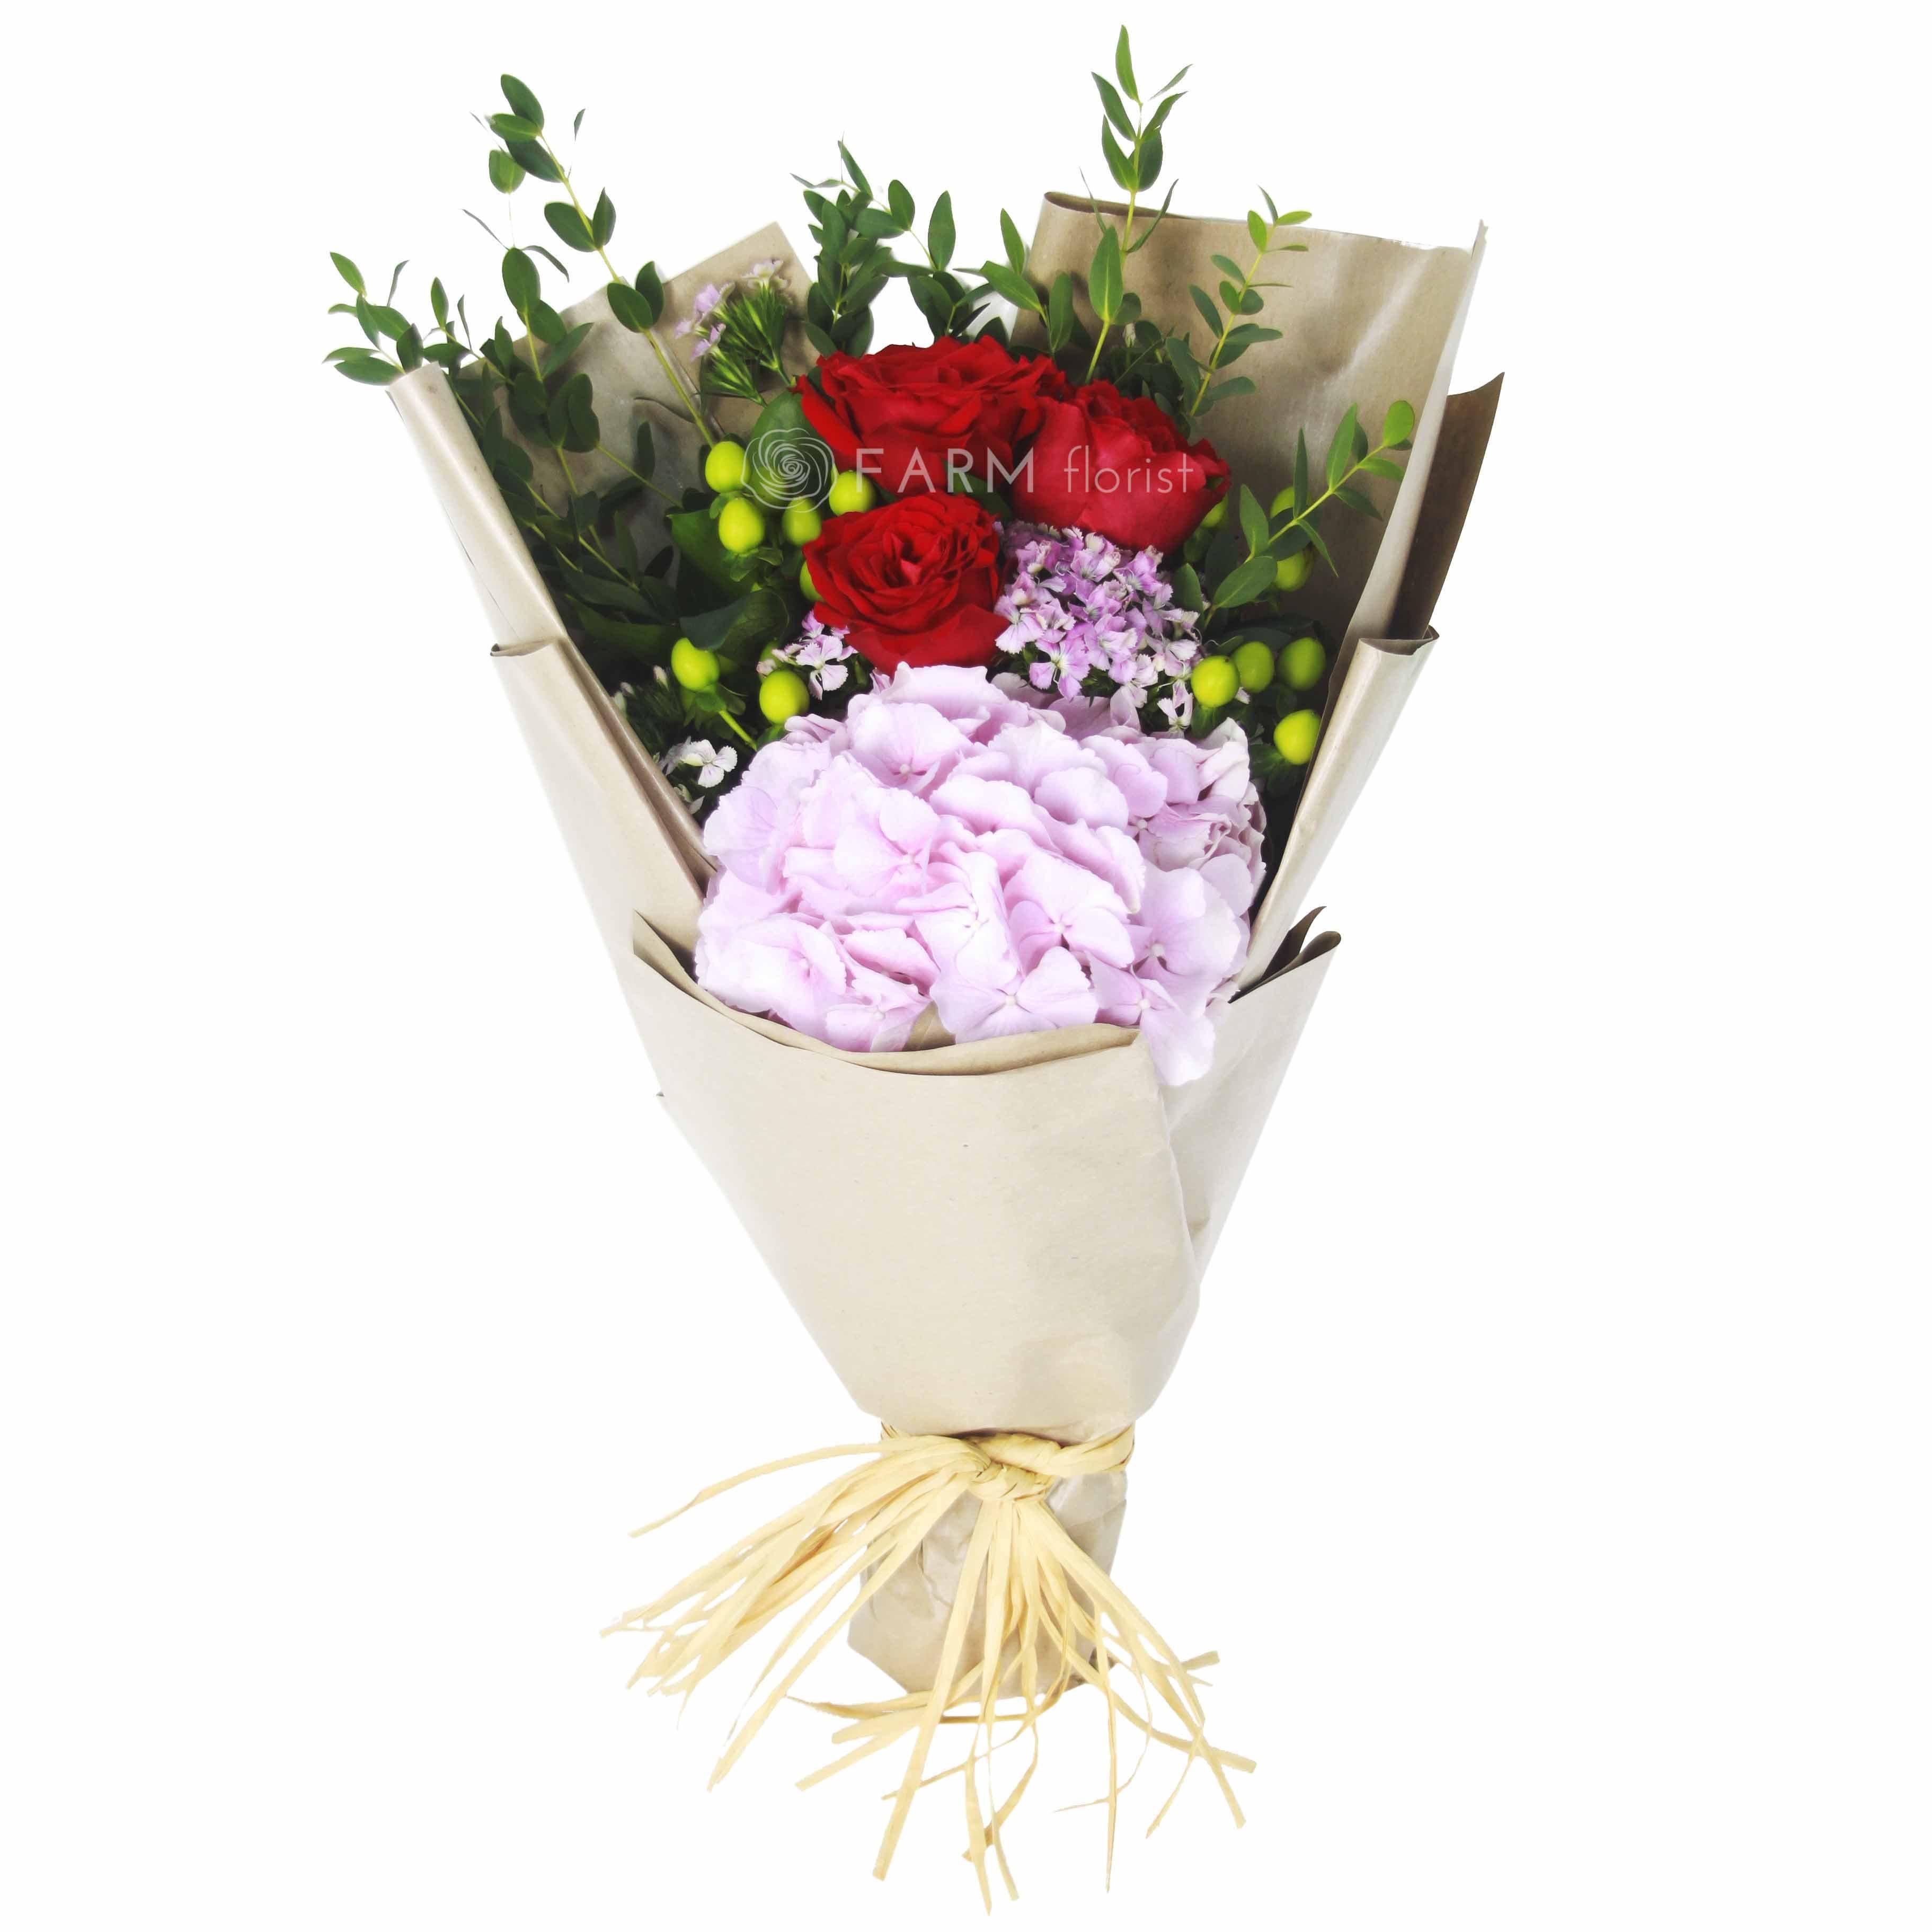 Laura Bouquet by Farm Florist Singapore